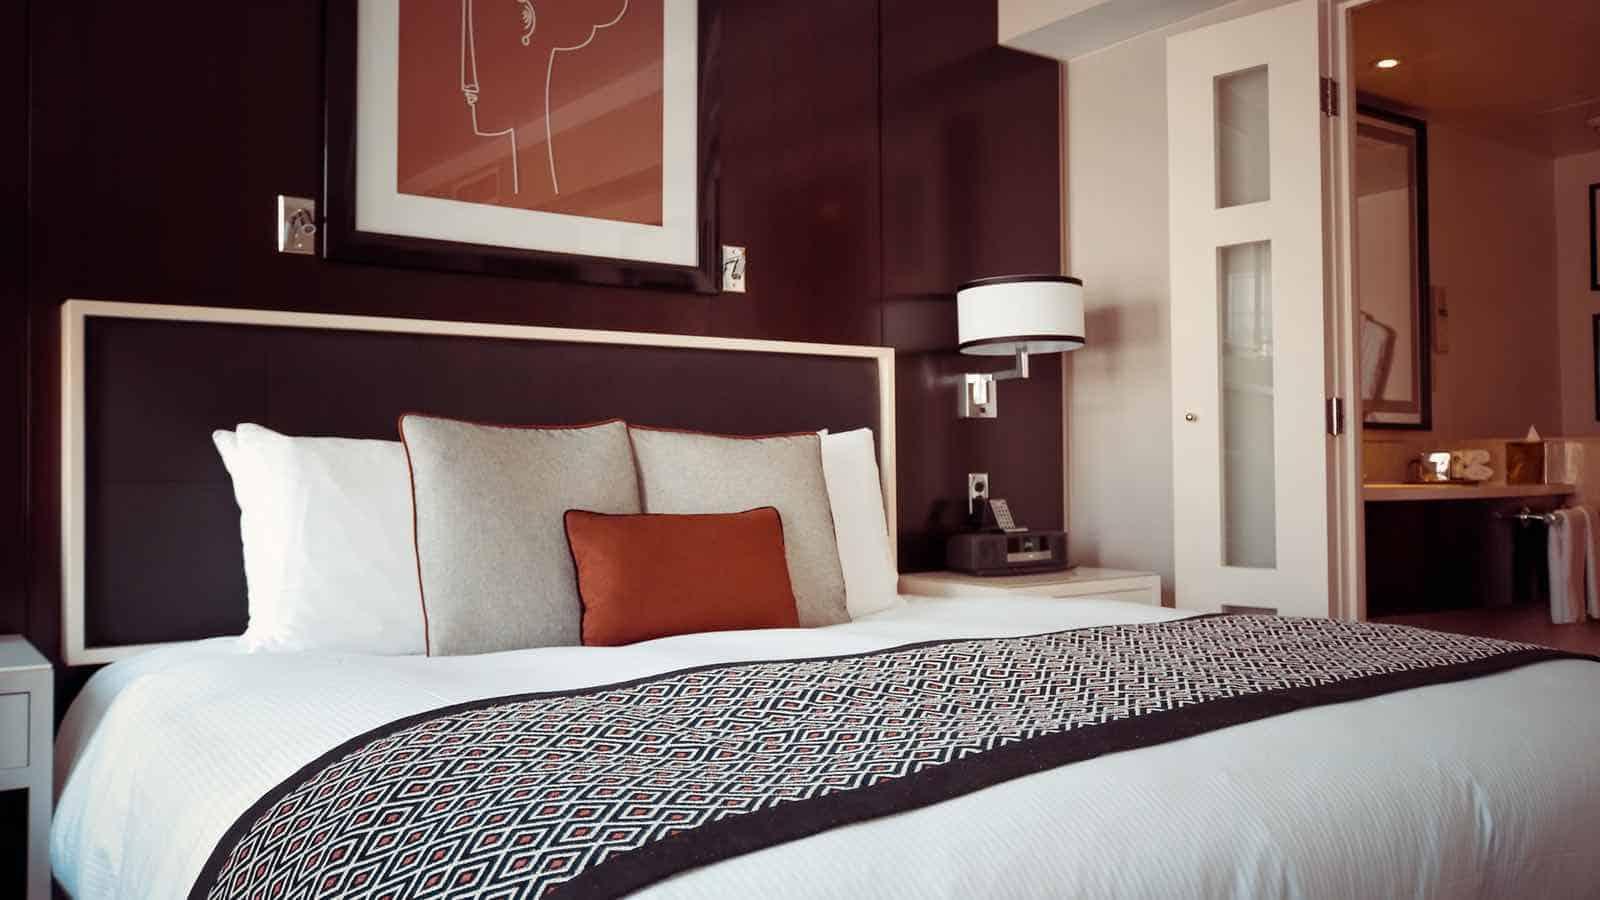 Romantisches Schlafzimmer: 7 Tolle Ideen und Bilder zur ...